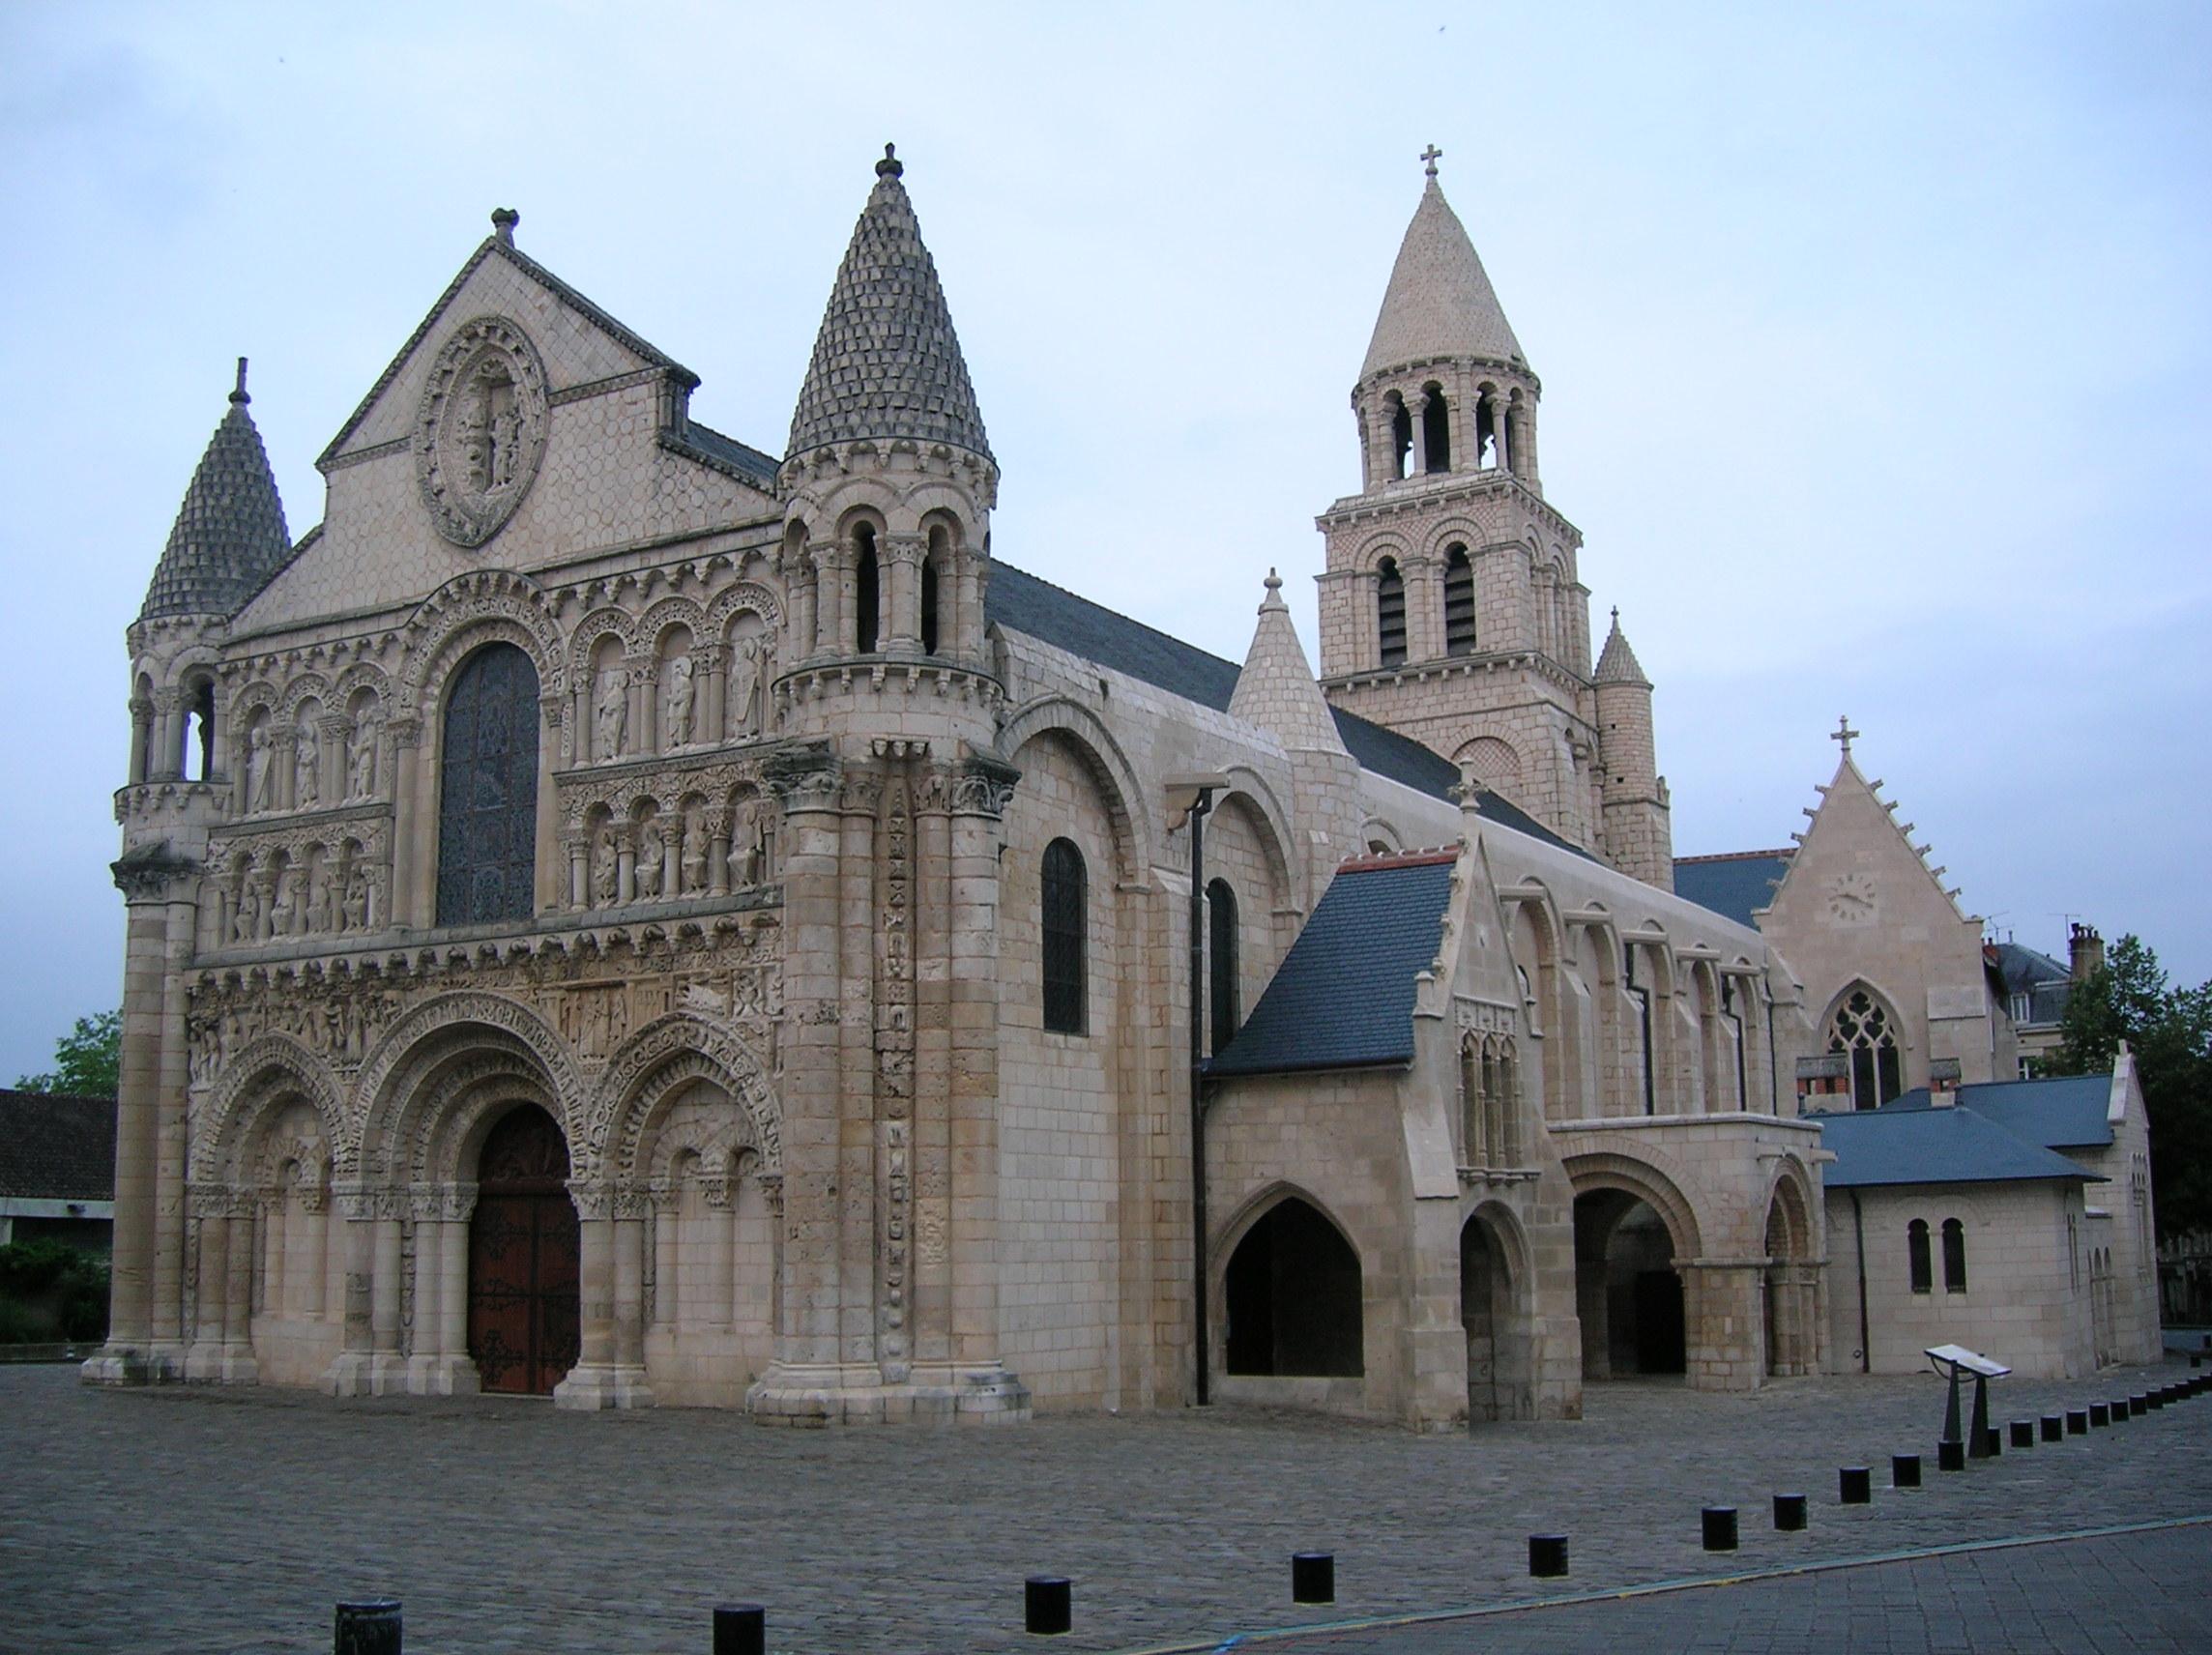 http://fr.academic.ru/pictures/frwiki/78/Notre-Dame_la_Grande_%28large_short%29.jpg